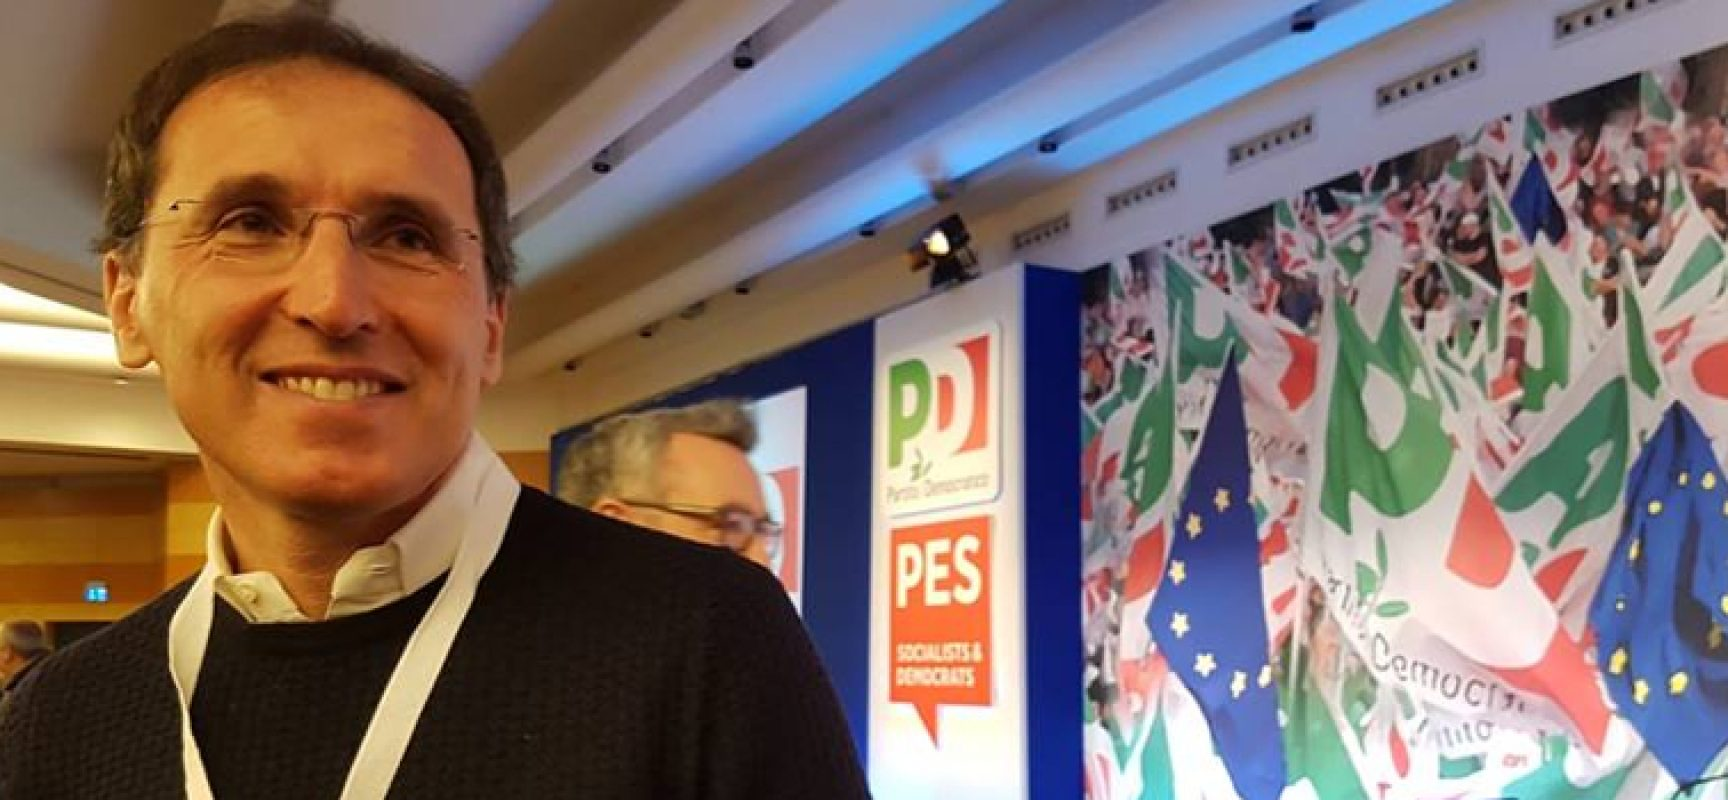 """Convenzioni segreteria Pd, Boccia arriva quarto: """"Grazie agli oltre 7mila sostenitori"""""""